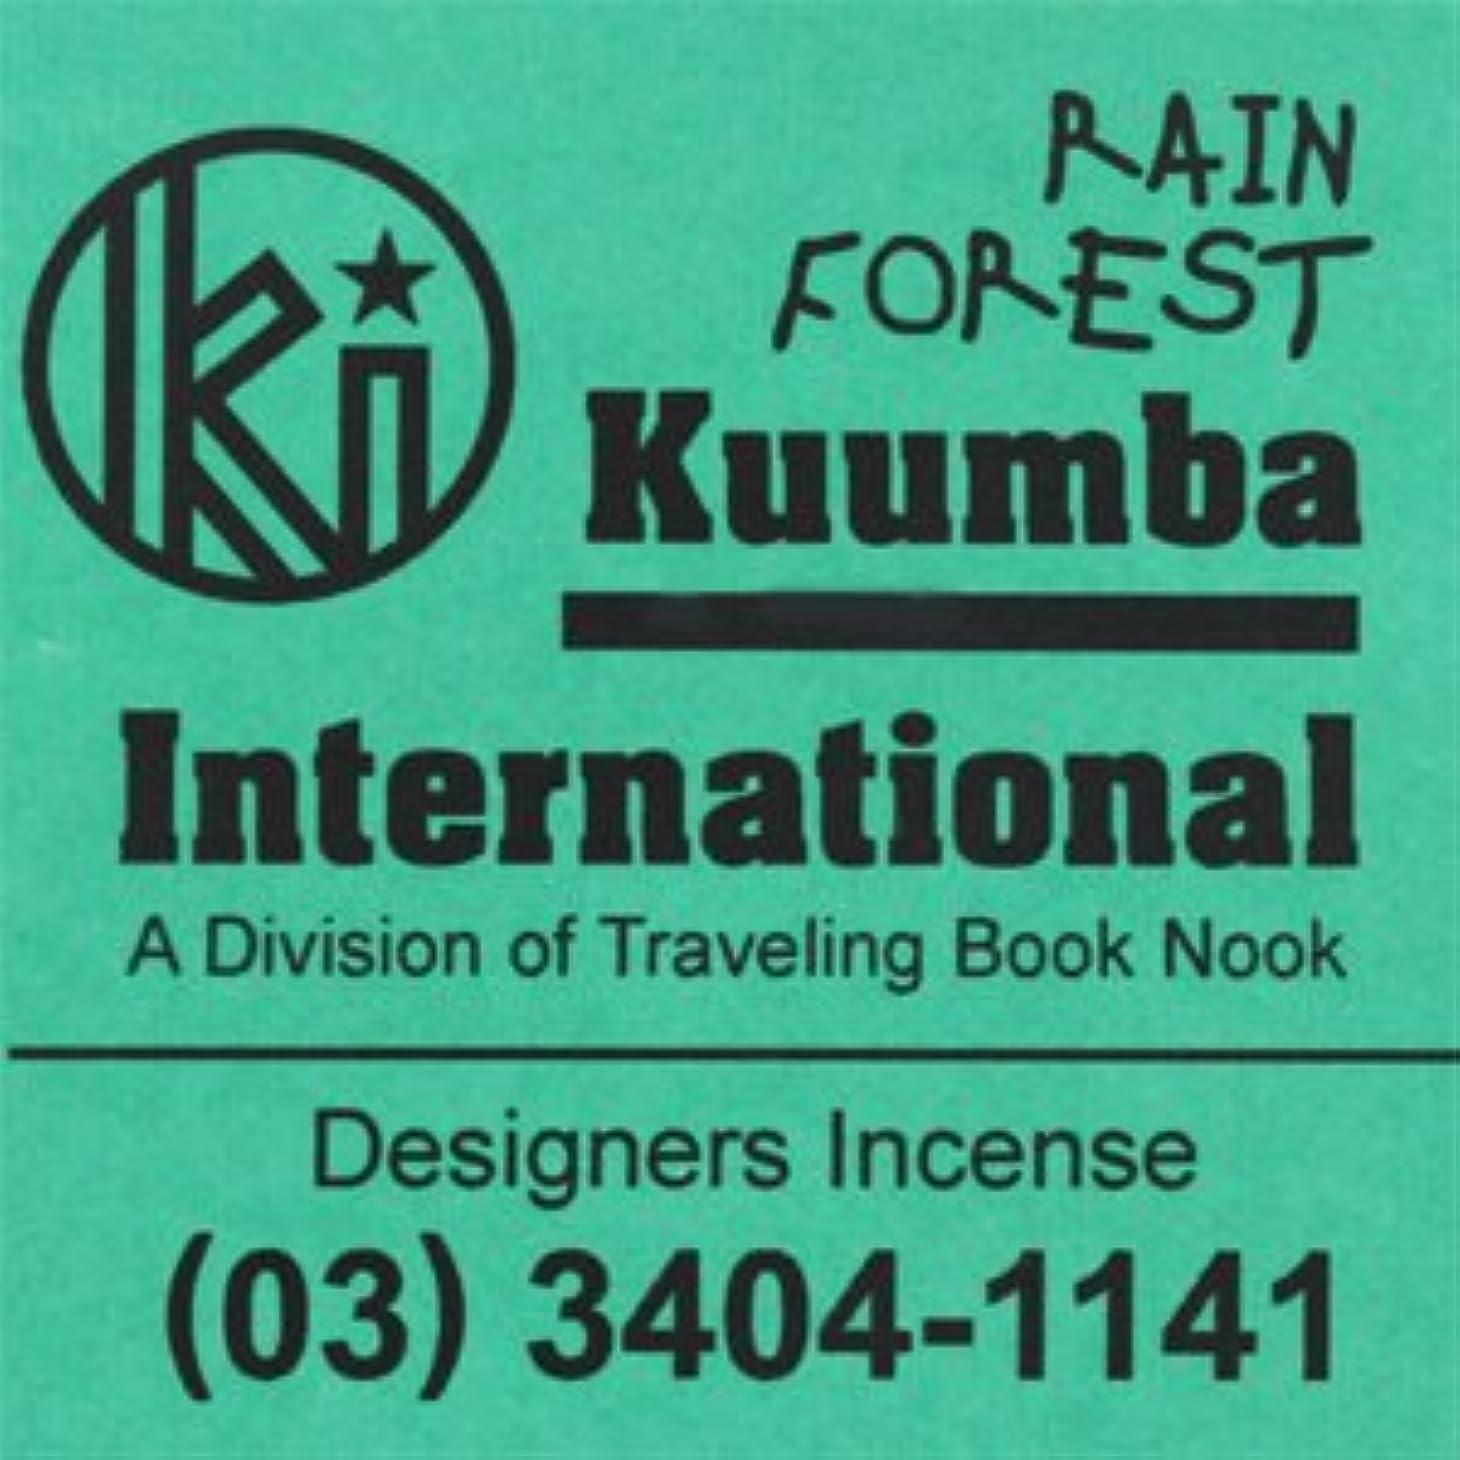 敬意ガイド恋人KUUMBA/クンバ『incense』(RAIN FOREST) (Regular size)